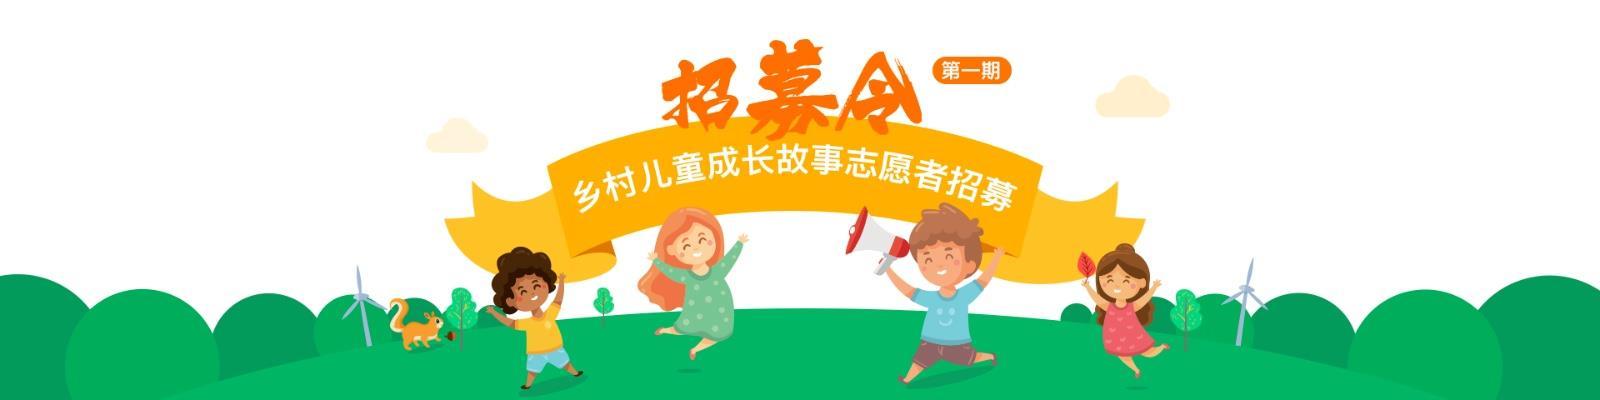 关爱留守儿童|【招募令】乡村儿童成长故事志愿者第一期招募